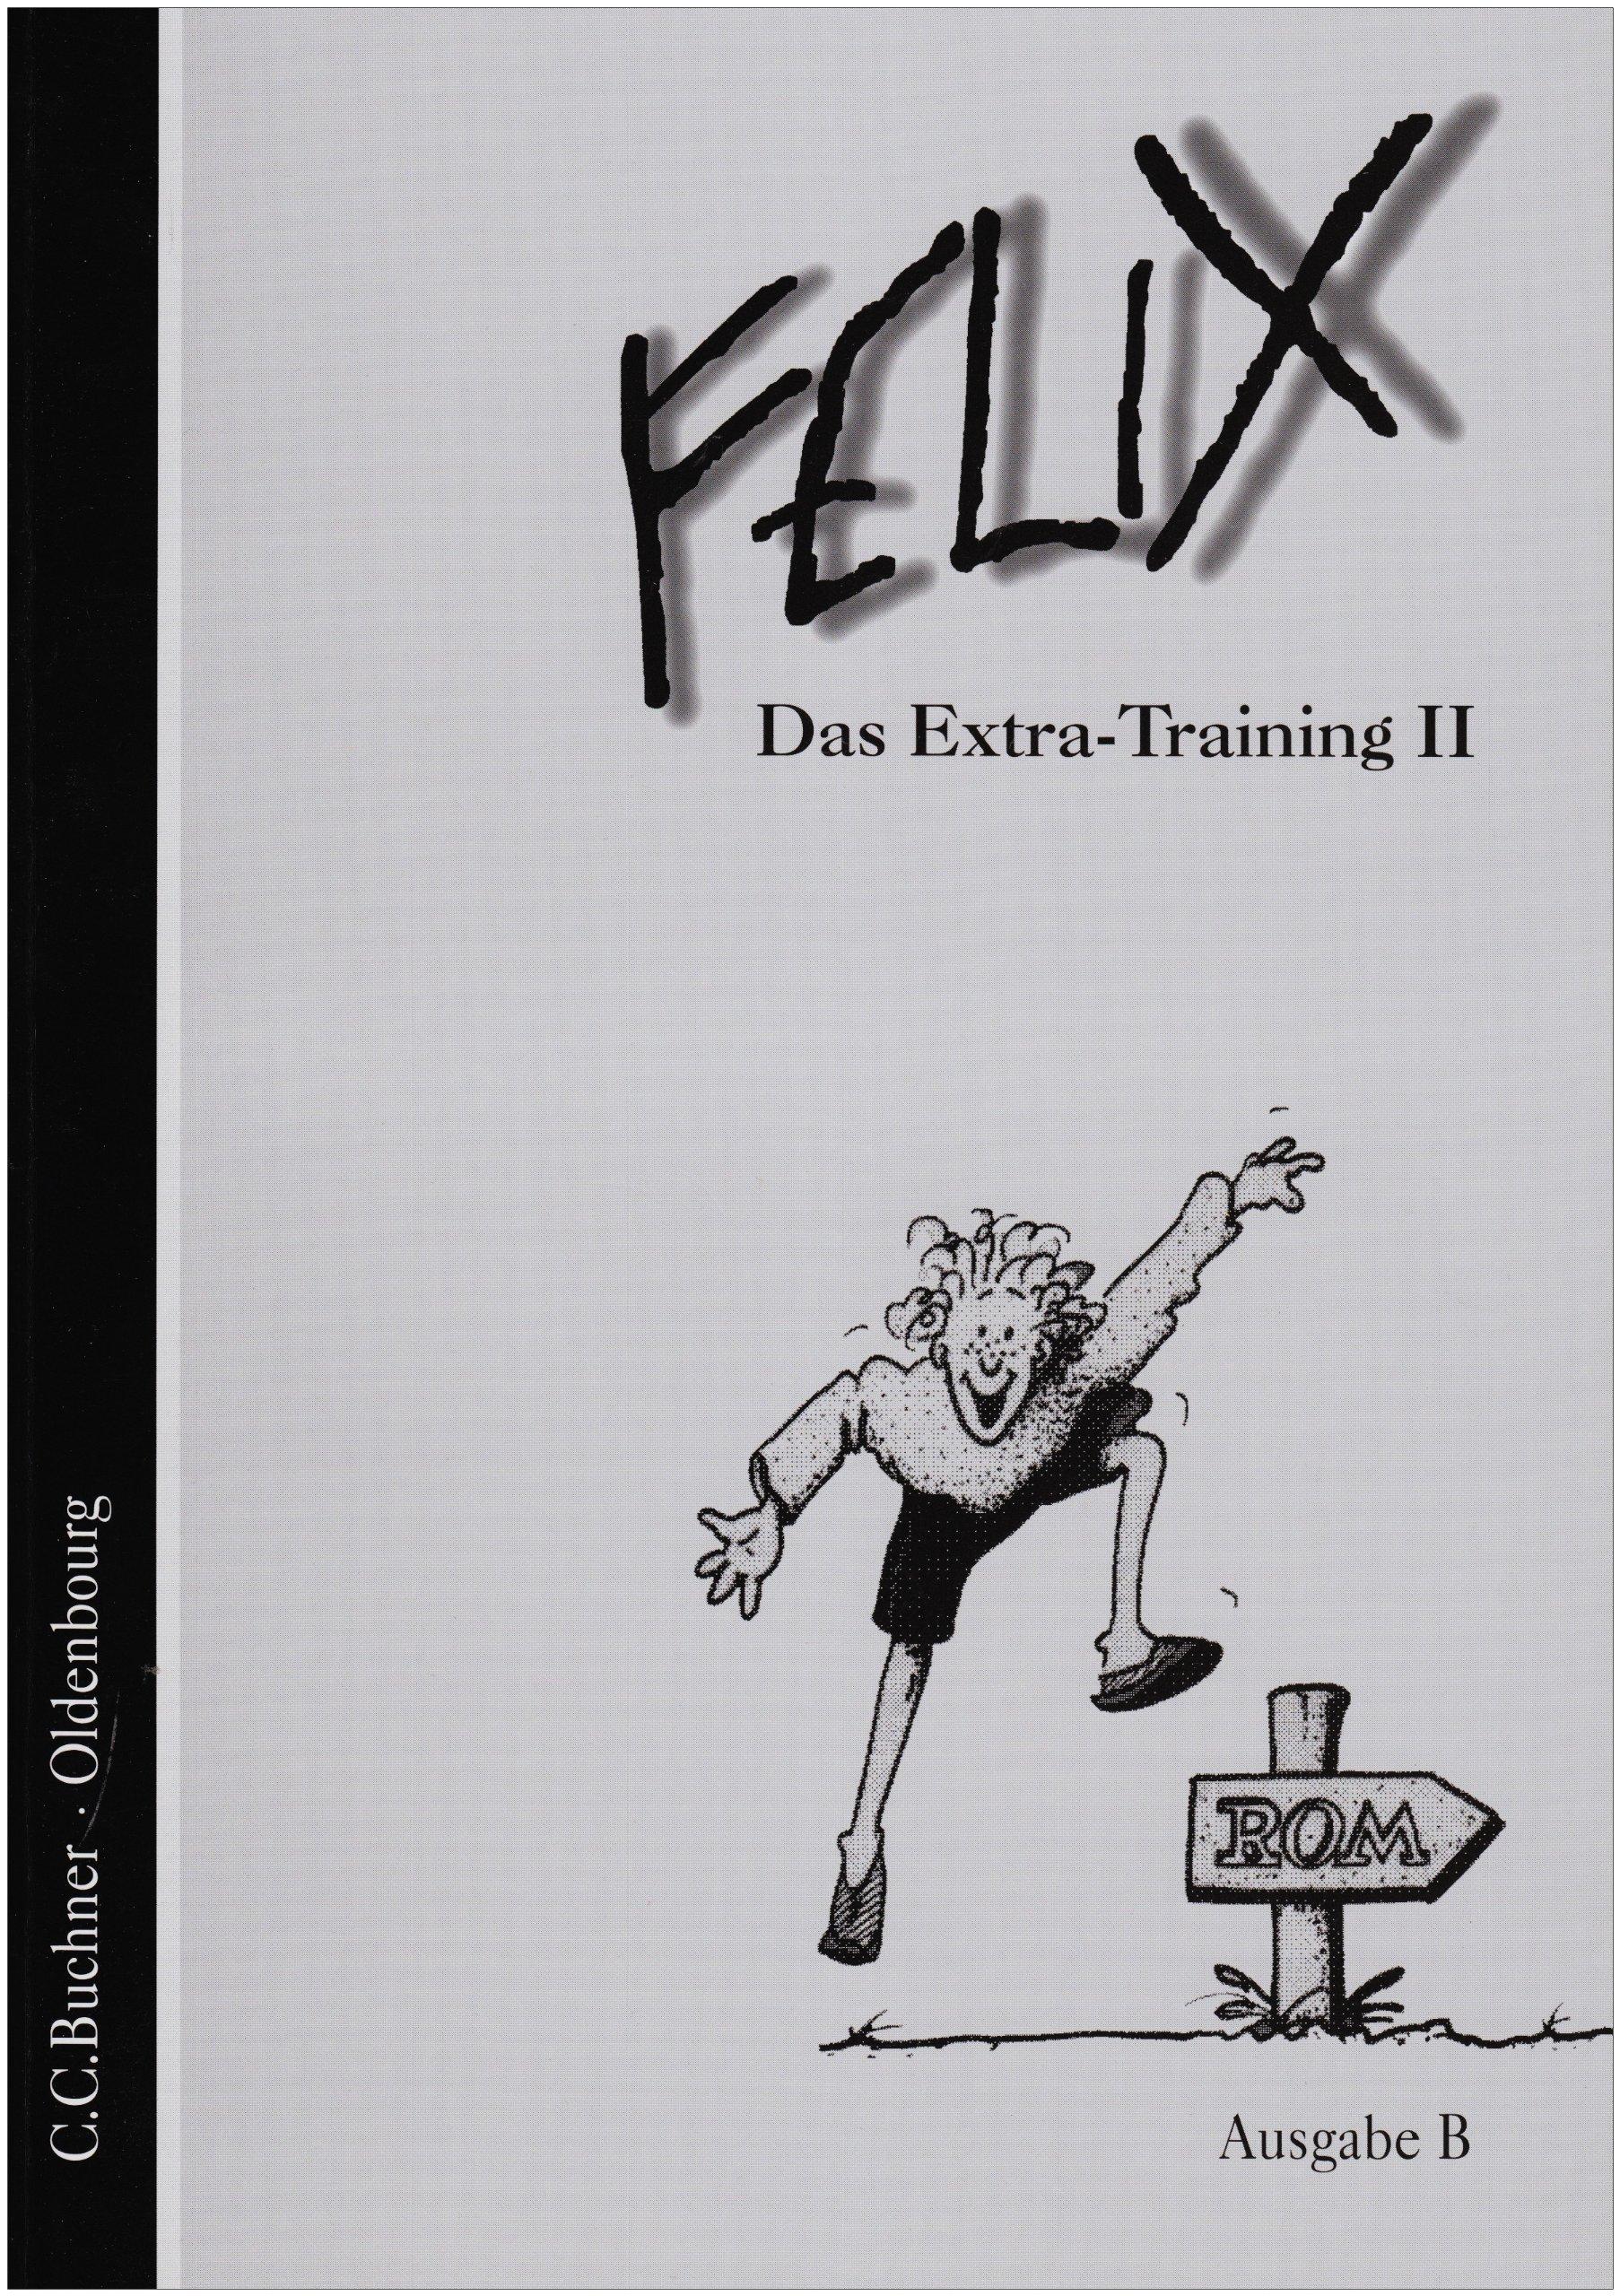 Felix - Ausgabe B: Band II - Das Extra-Training